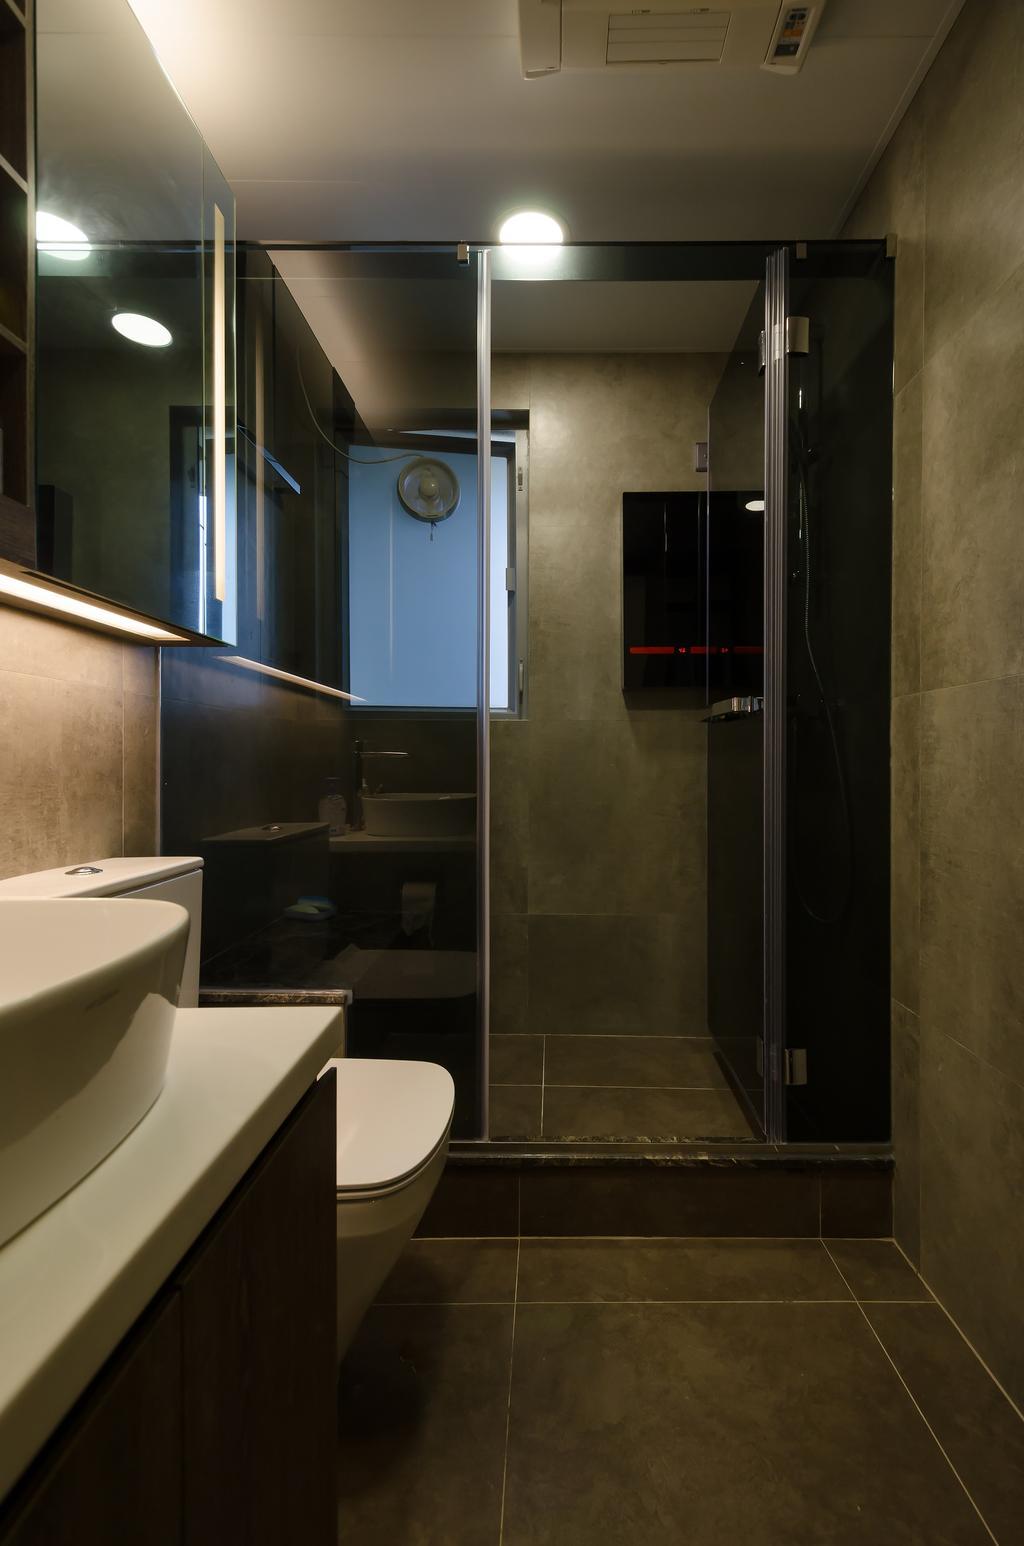 摩登, 私家樓, 浴室, 嘉亨灣, 室內設計師, Epic, 簡約